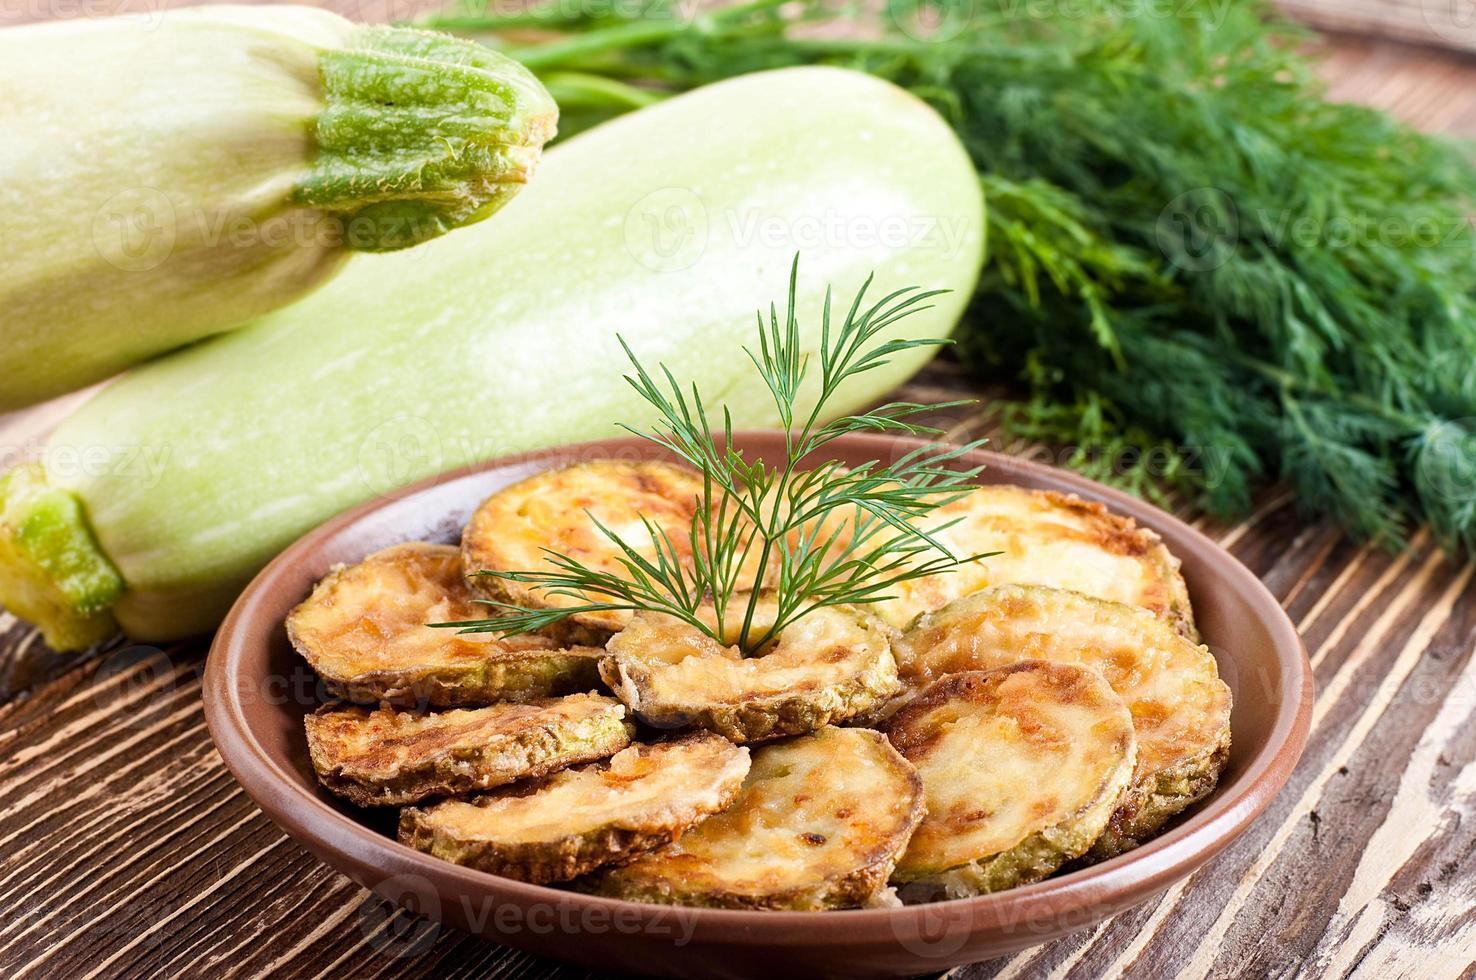 grüne Zucchini auf einem alten Holzbrett foto